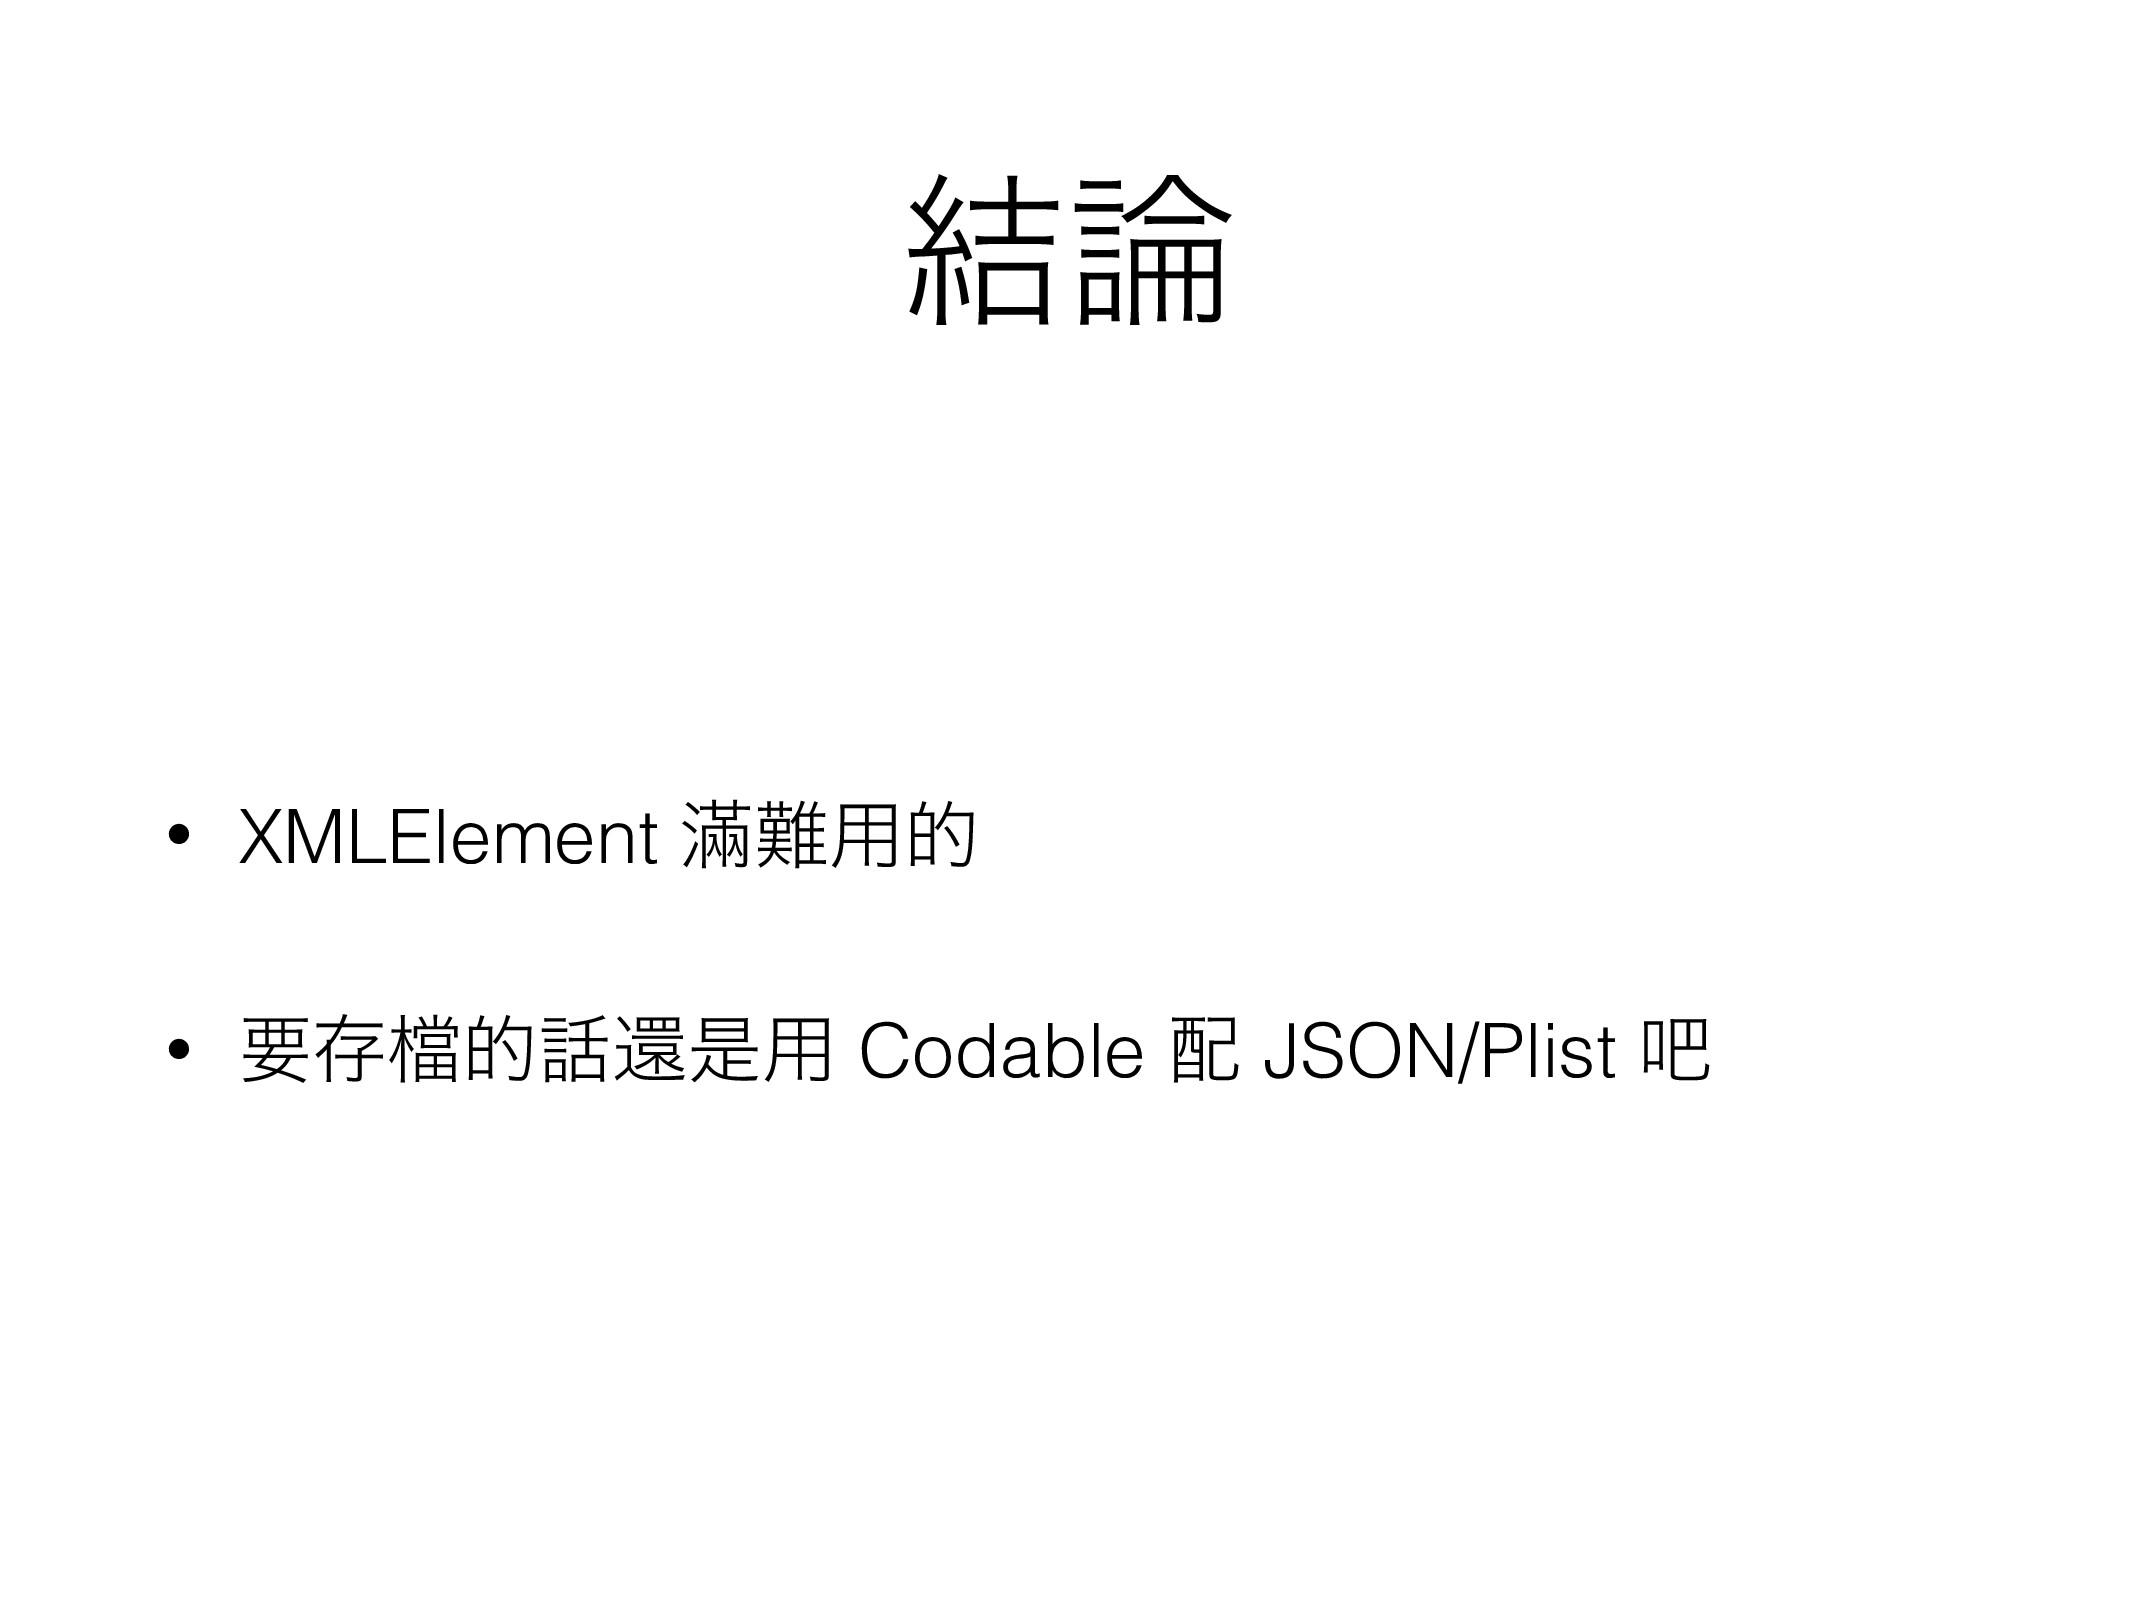 ݁ • XMLElement ᕝ༻త • ཁଘ䈕తؐੋ༻ Codable  JSON/...